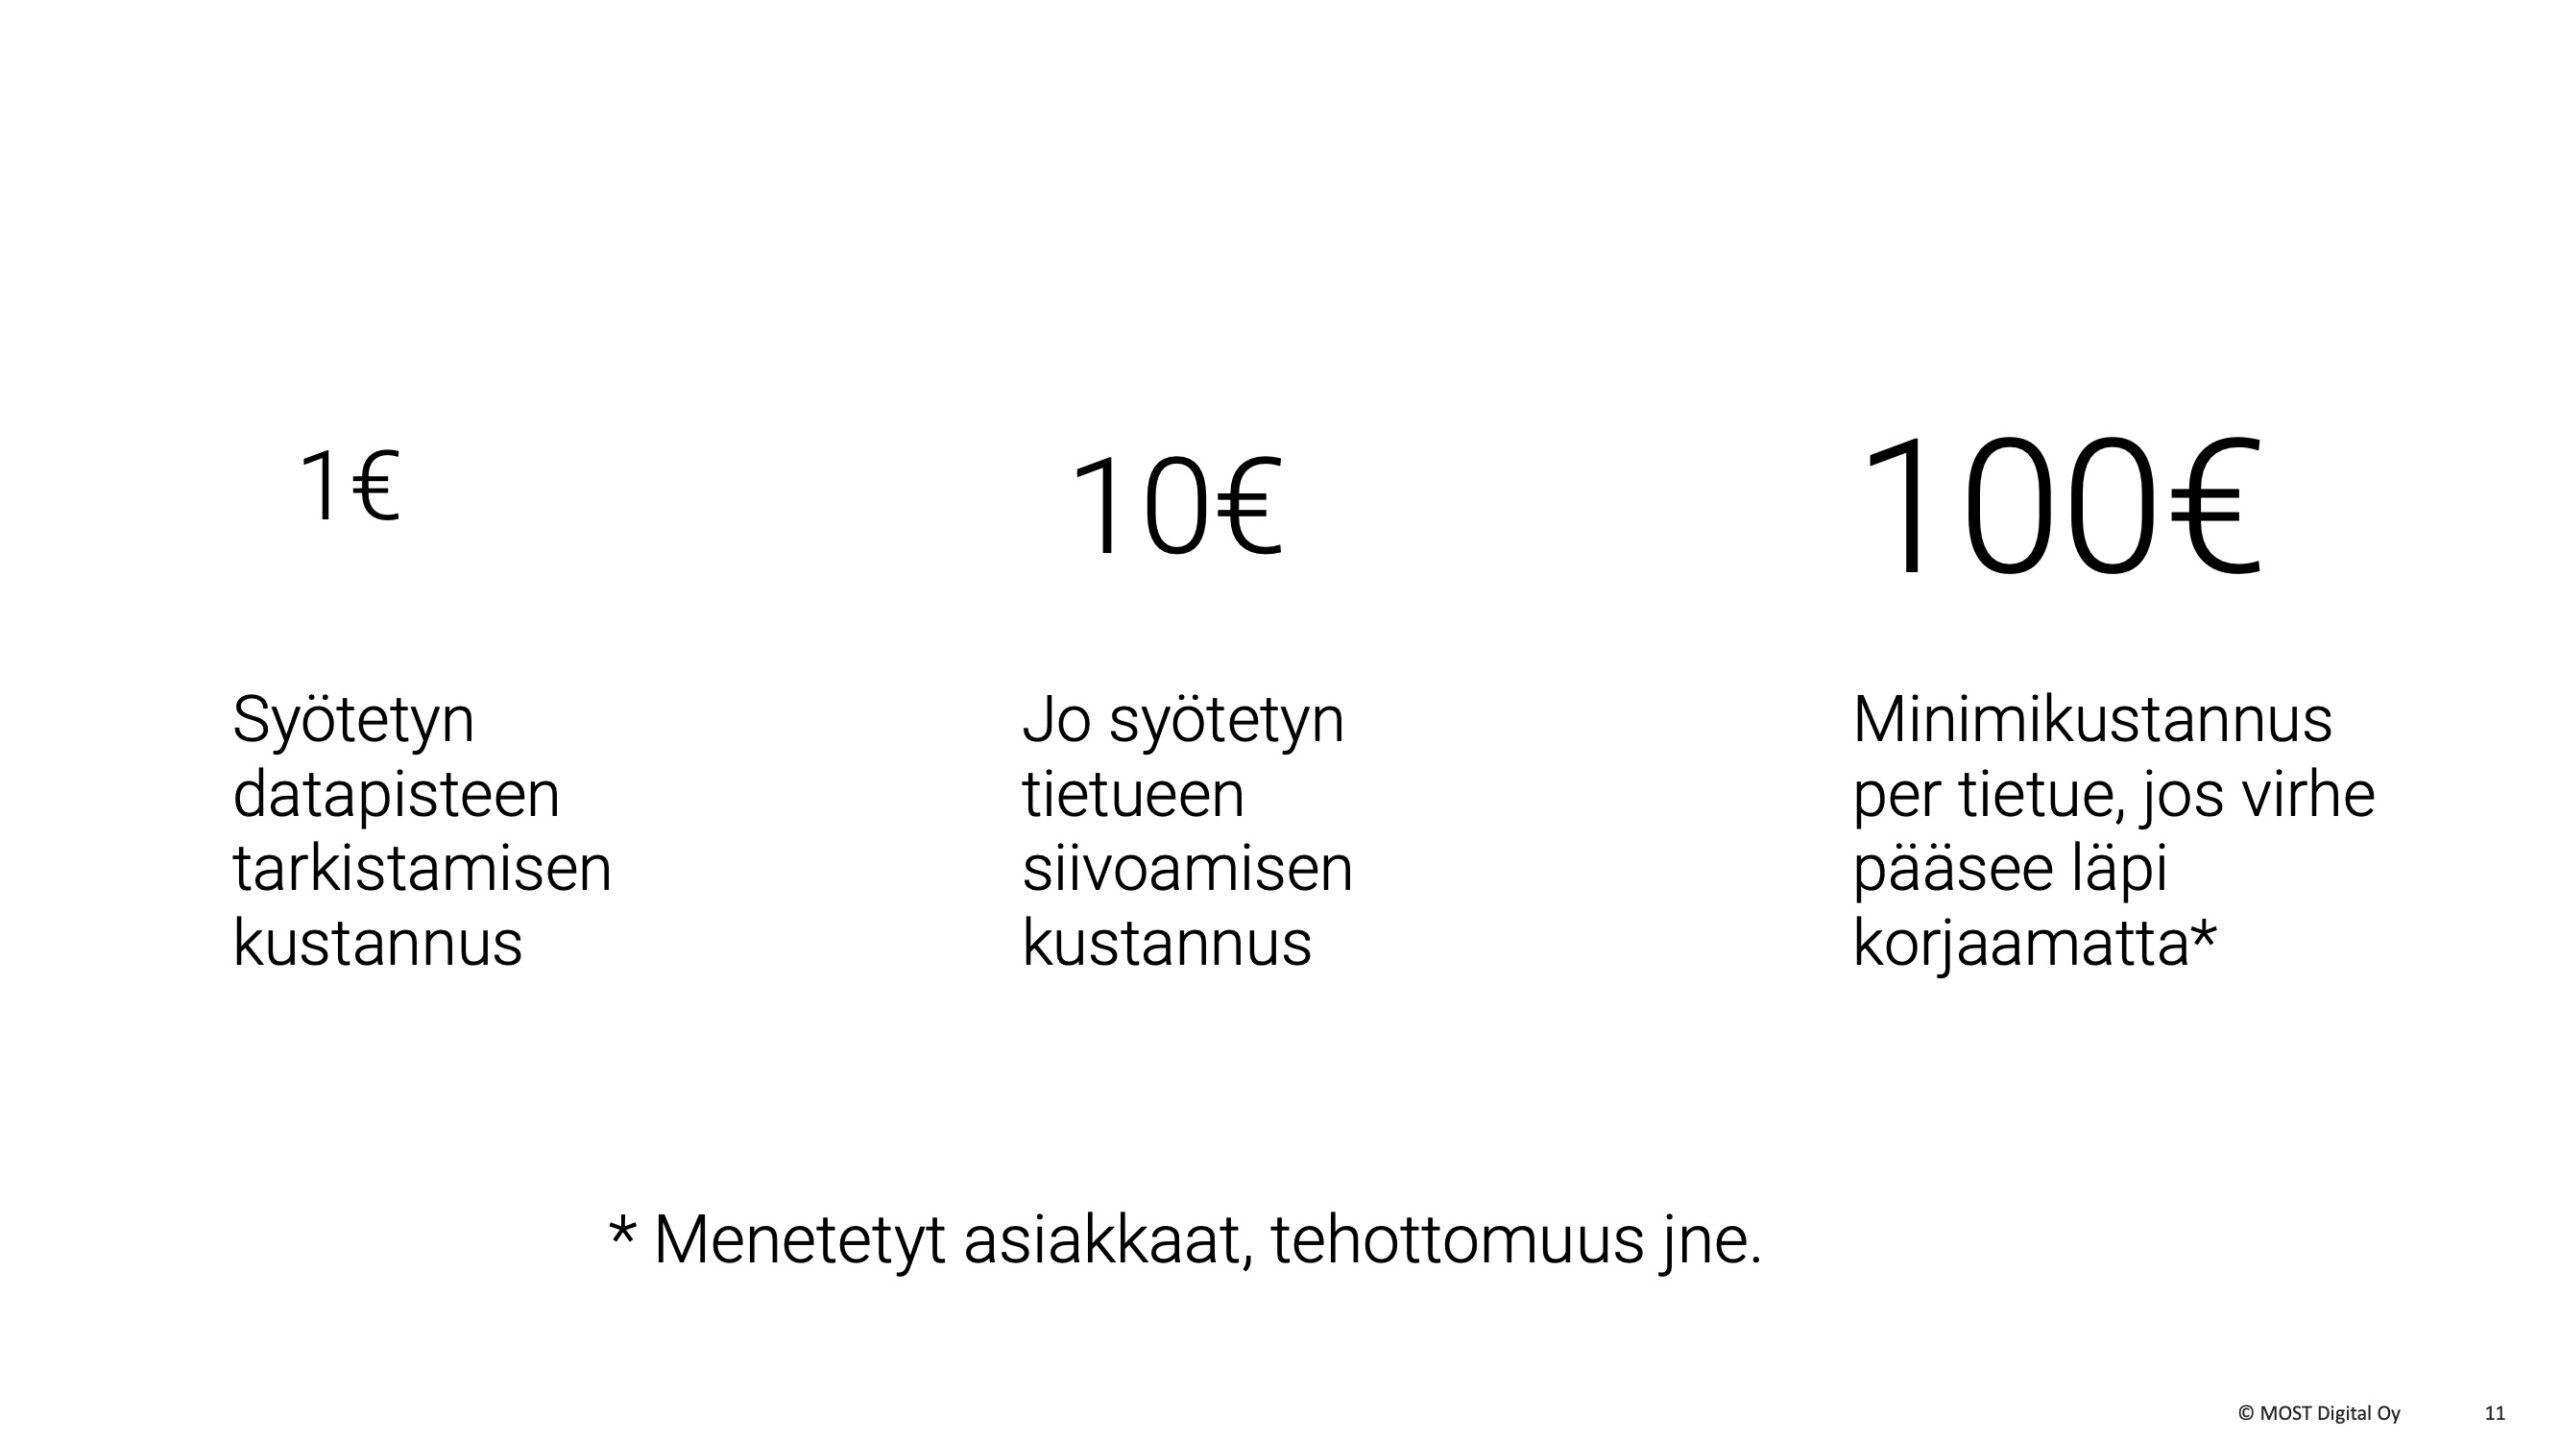 OIVA-ohjelmistorobotti, MYYNTISESITYS, osa 1, sivu 10: Sääntö sanoo, että jos datan syöttäminen maksaa euron, tiedon tarkastaminen & korjaaminen maksaa kympin. Mutta jos virhe pääsee läpi esimerkiksi tuotantoon, silloin se johtaa vähintään satasen kuluihin.